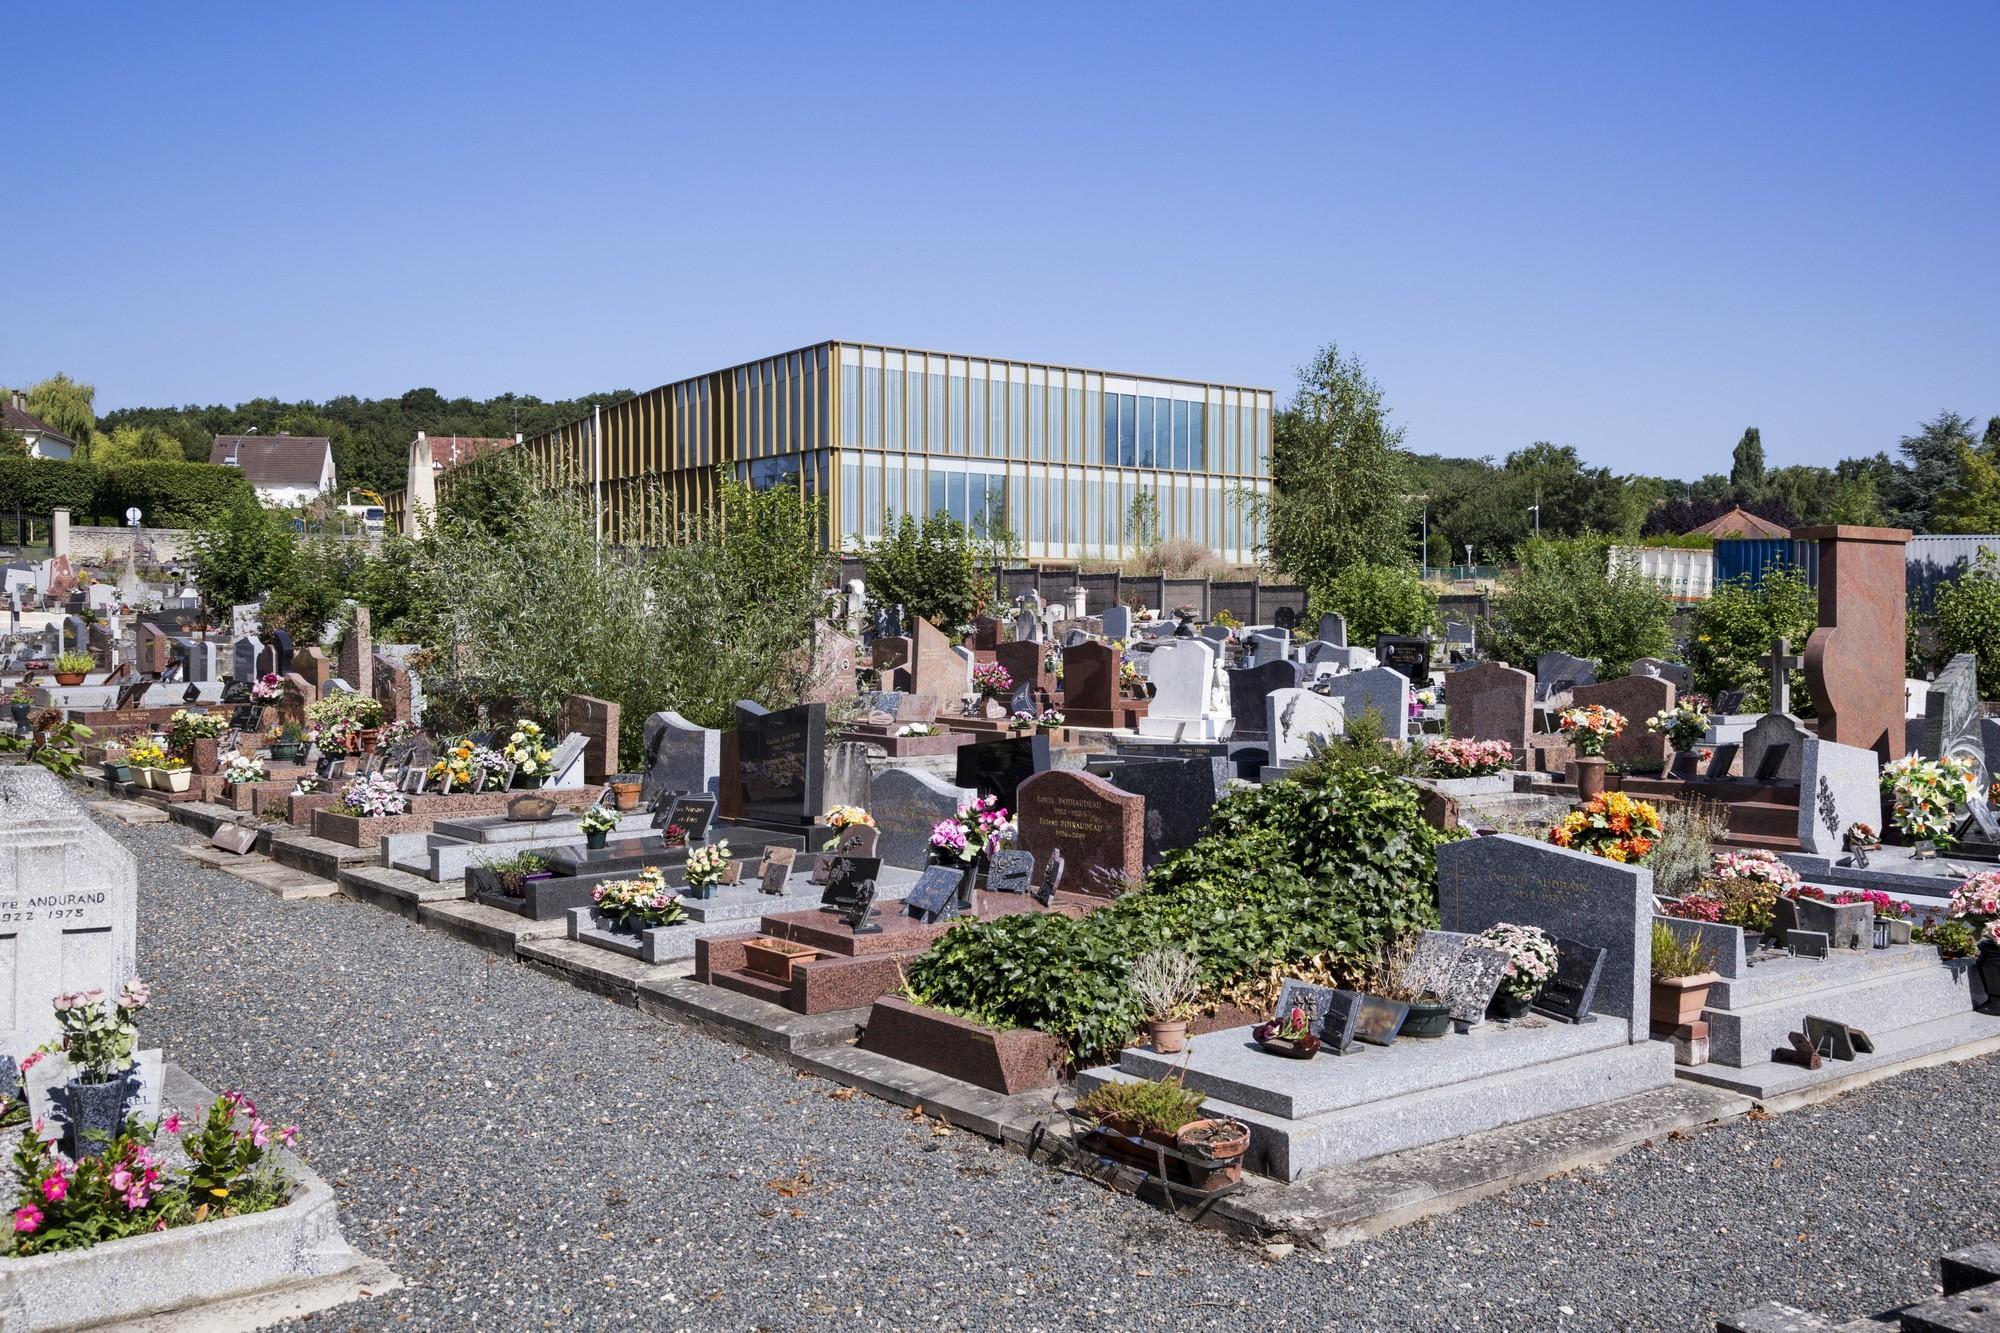 galer a de centro cultural en saint germain l s arpajon ateliers o s architectes 10. Black Bedroom Furniture Sets. Home Design Ideas